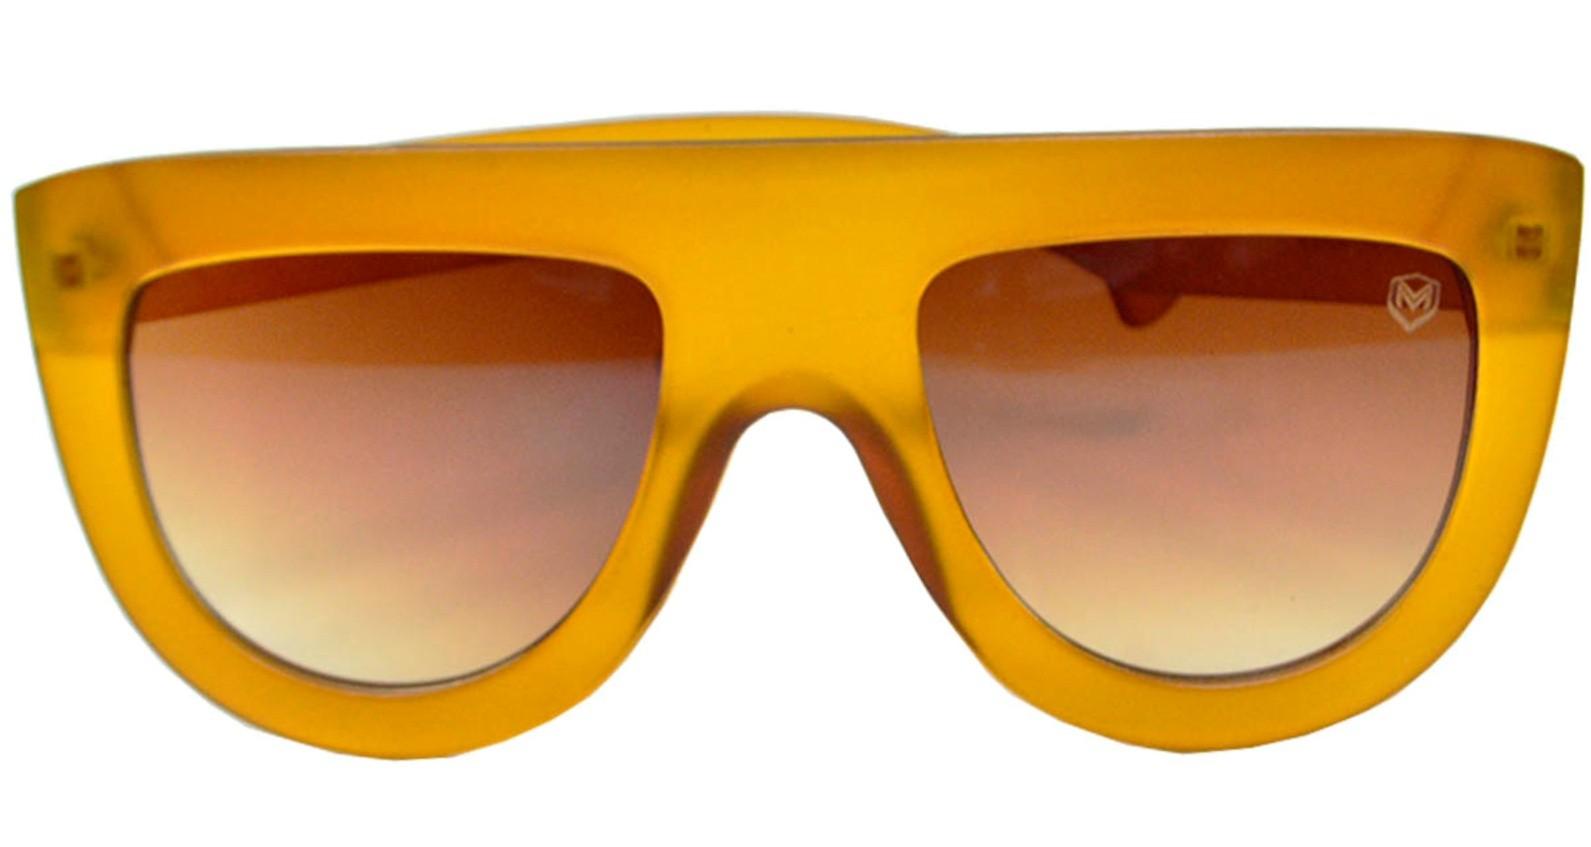 Óculos De Sol Mackage Unissex Acetato Fashion - Caramelo